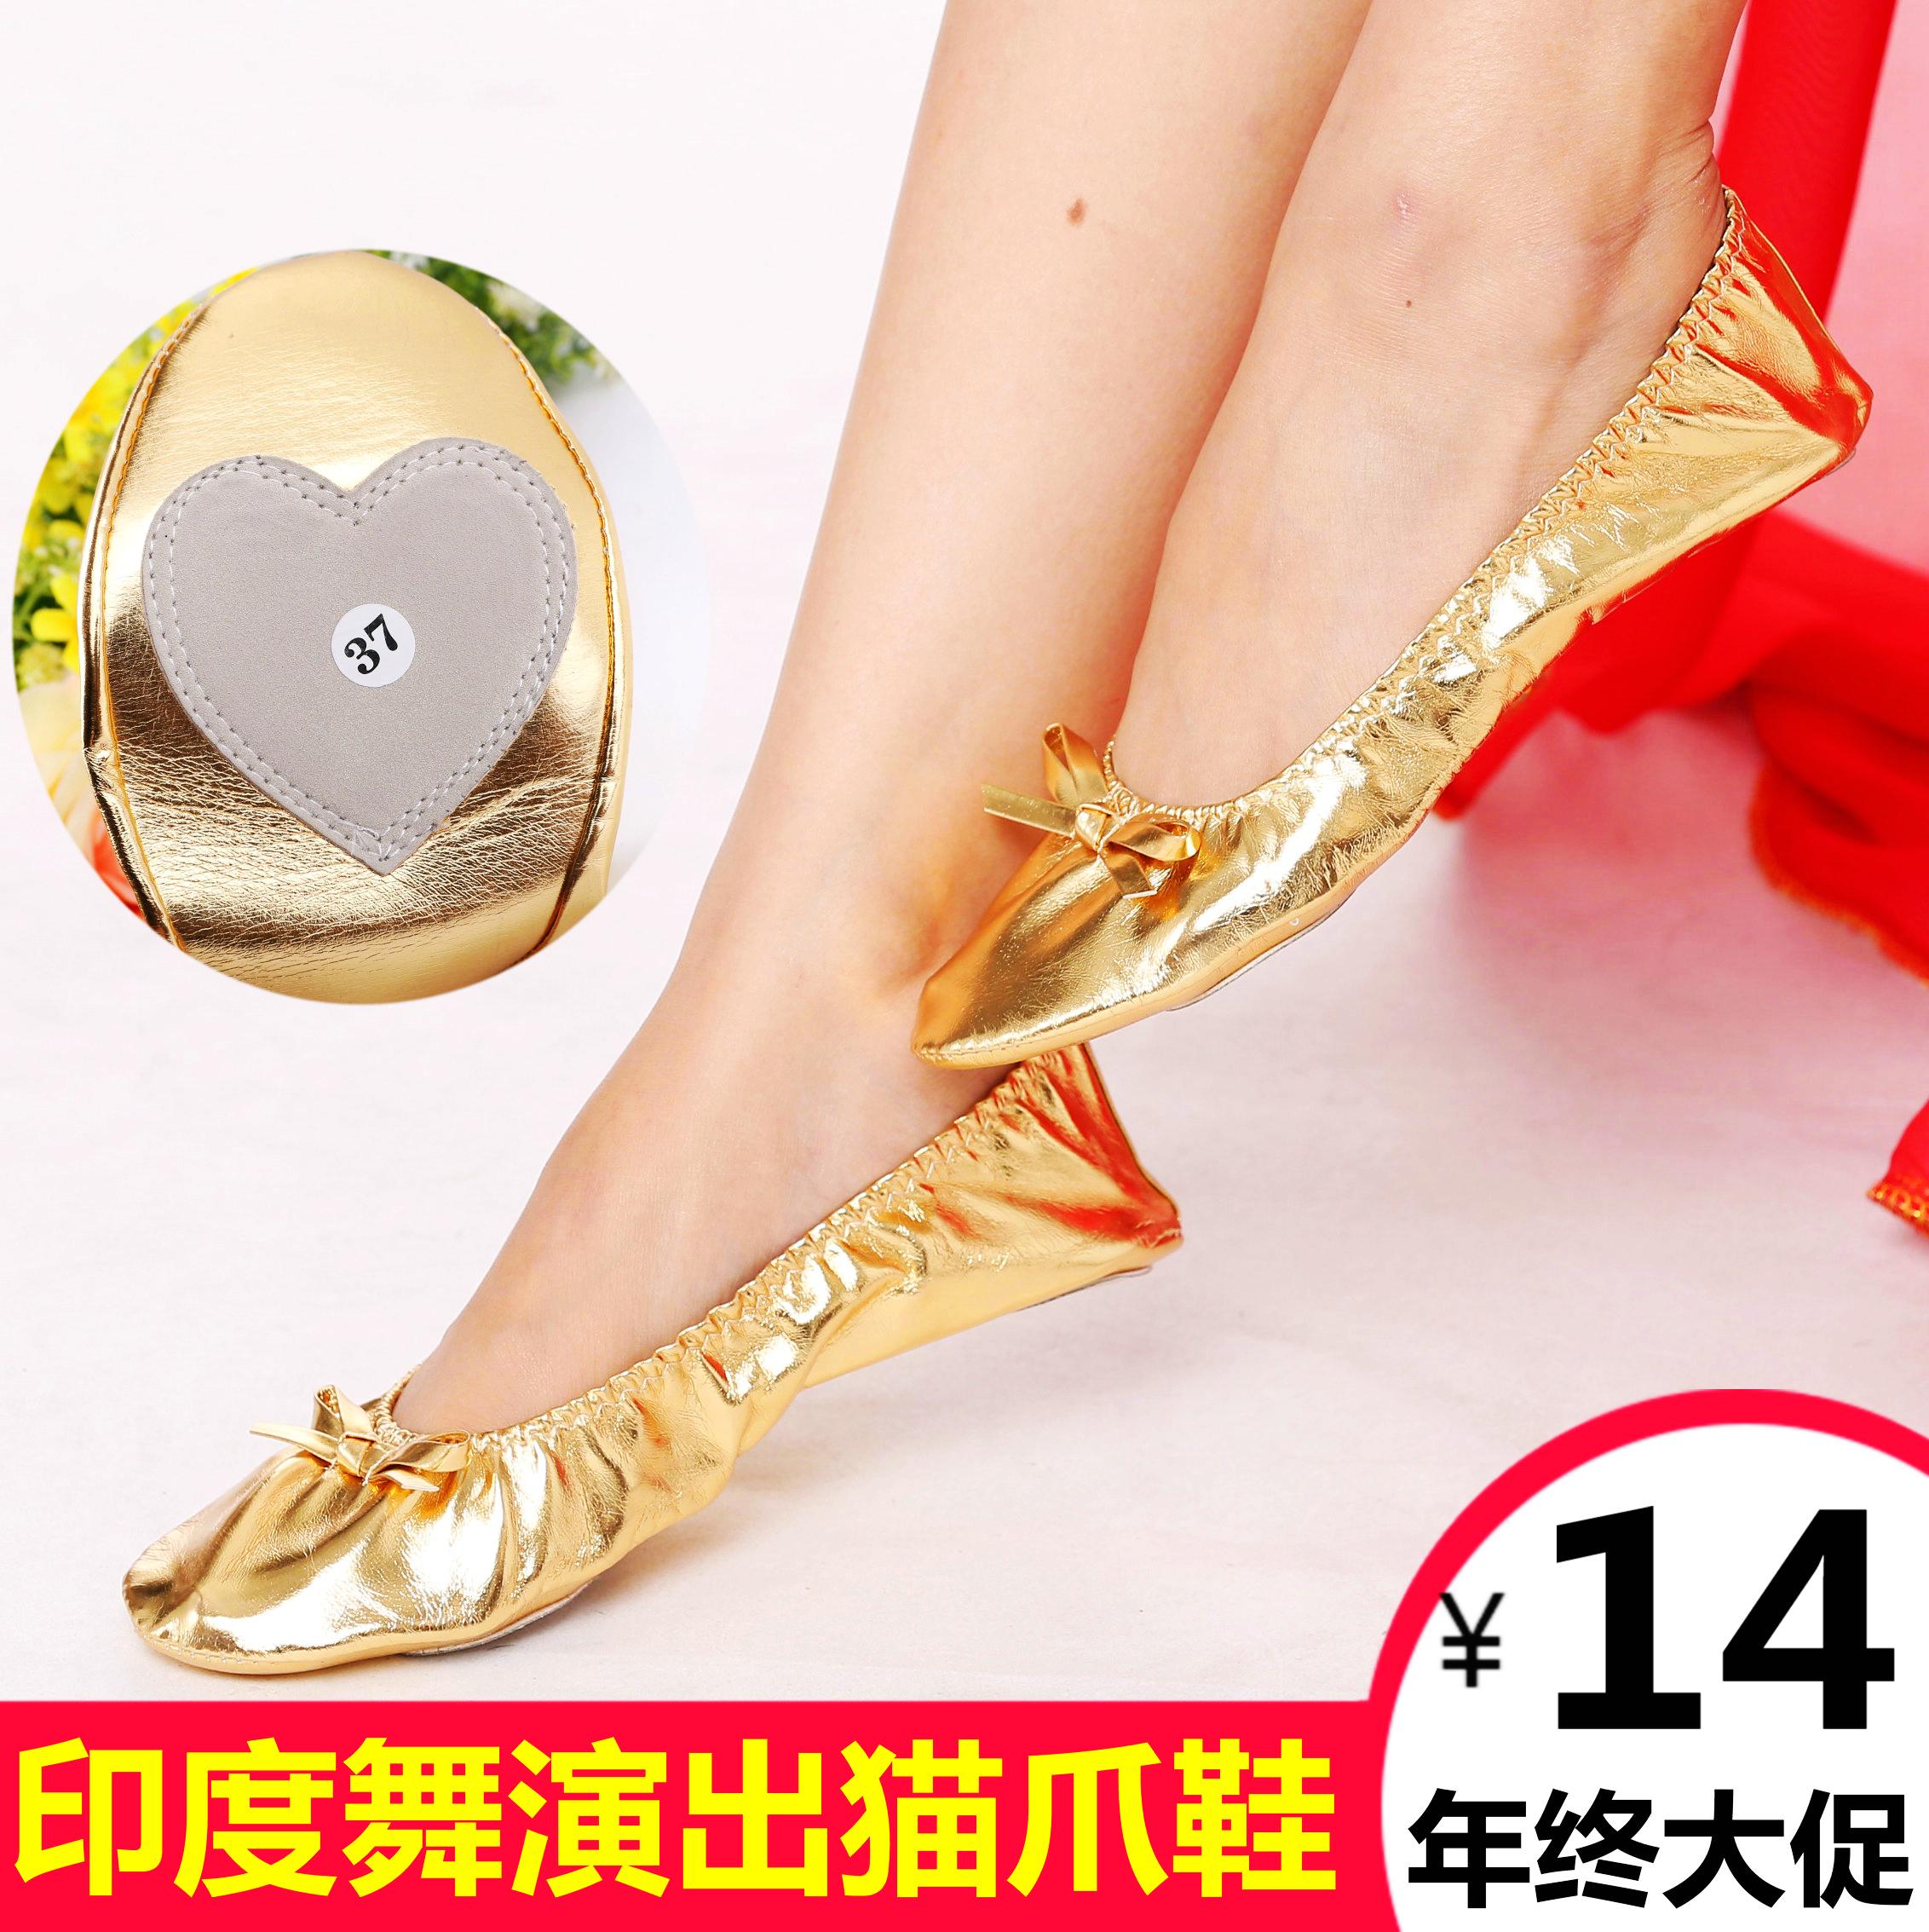 Для взрослых рубец кожа обувь сын танец обувной индия танец практика гонг балет год может мягкое дно танцы обувной ребенок мягкое дно обувной